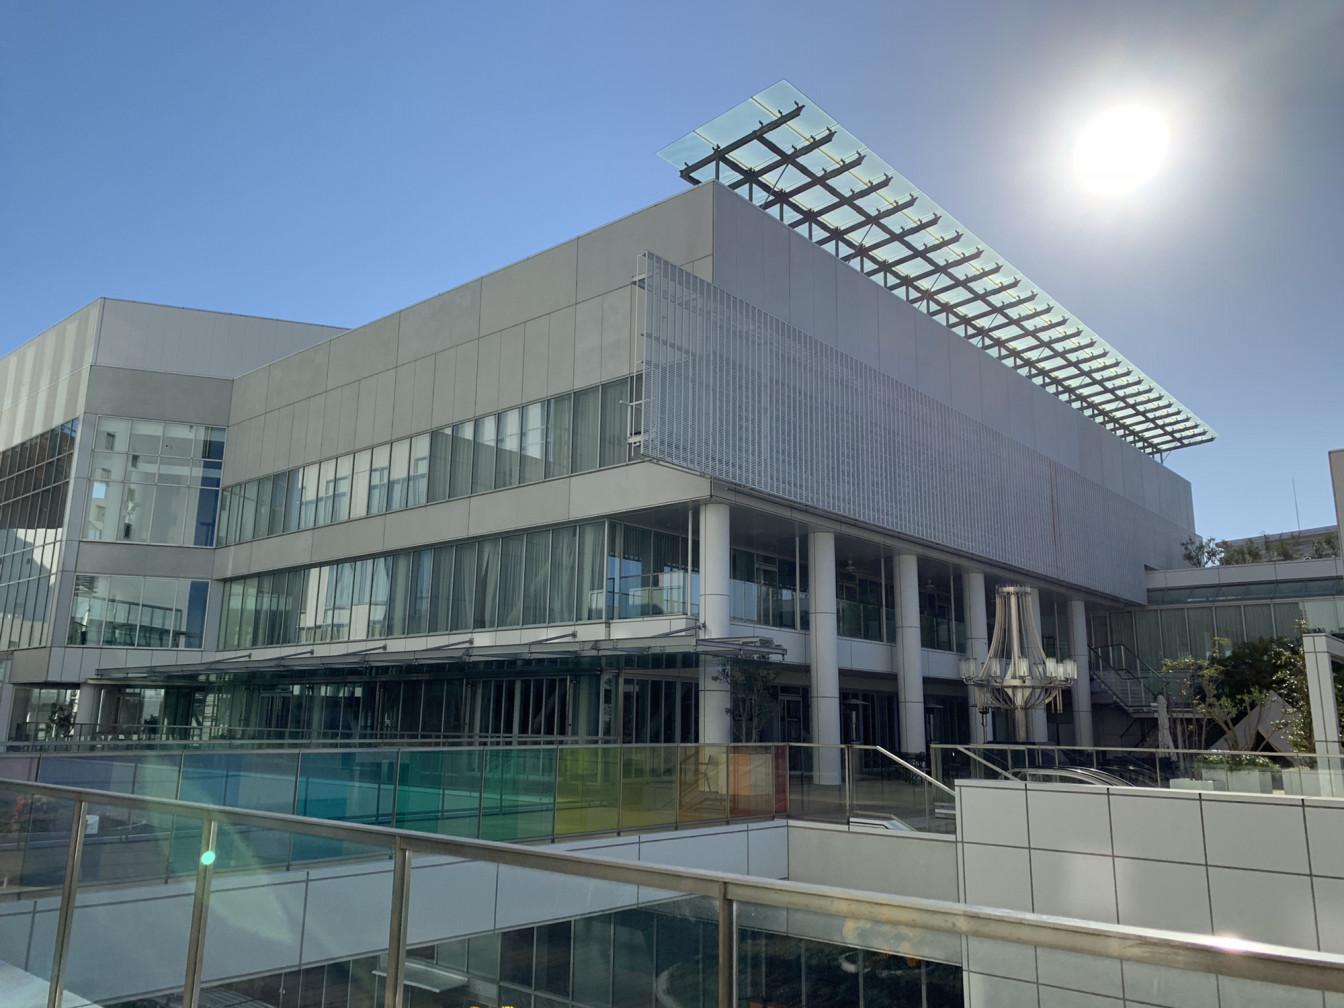 高崎未来総合大学の施設(キャンパス・学生寮・生協・コンビニ)